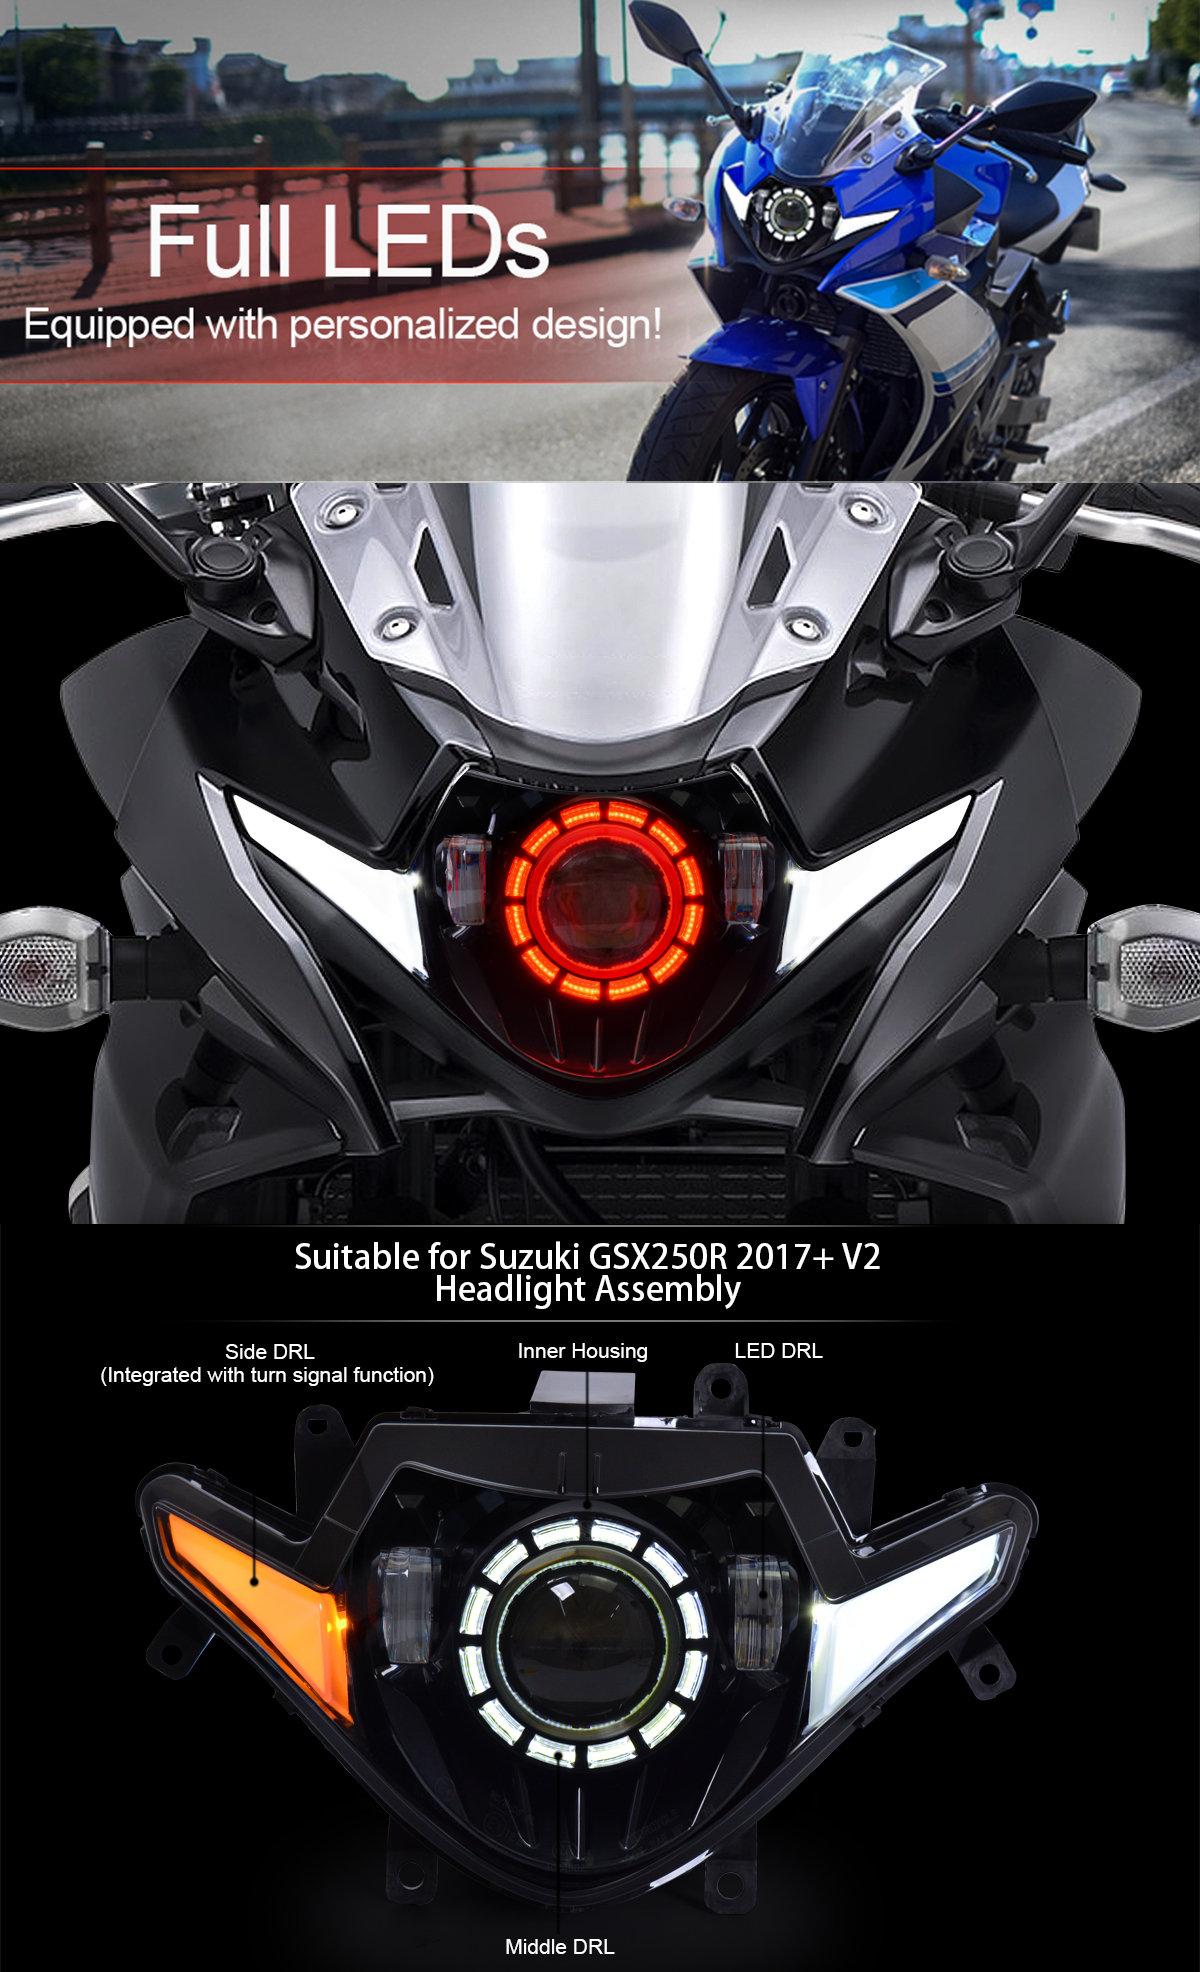 Suzuki GSX250R Headlight 2017